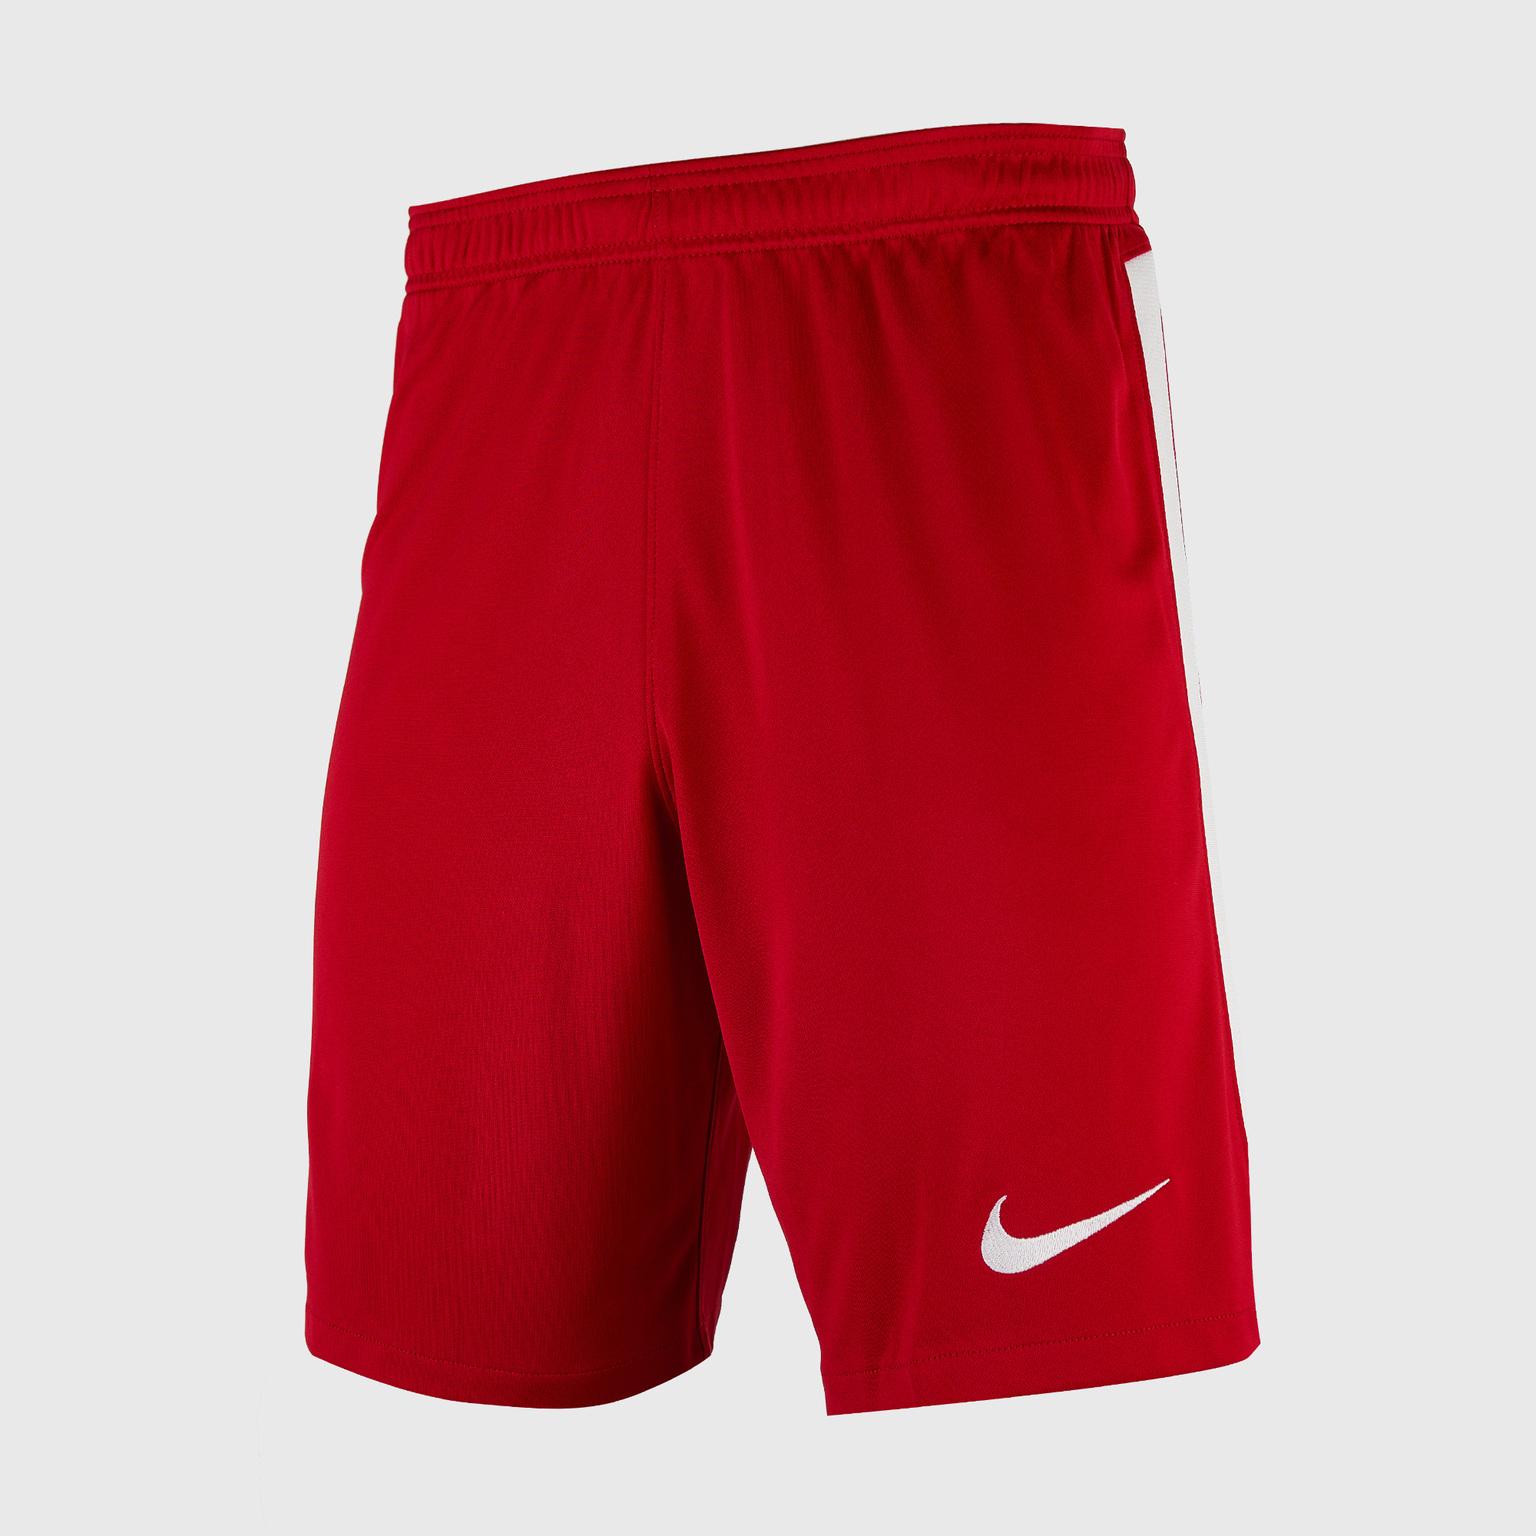 Шорты игровые домашние Nike Liverpool сезон 2020/21